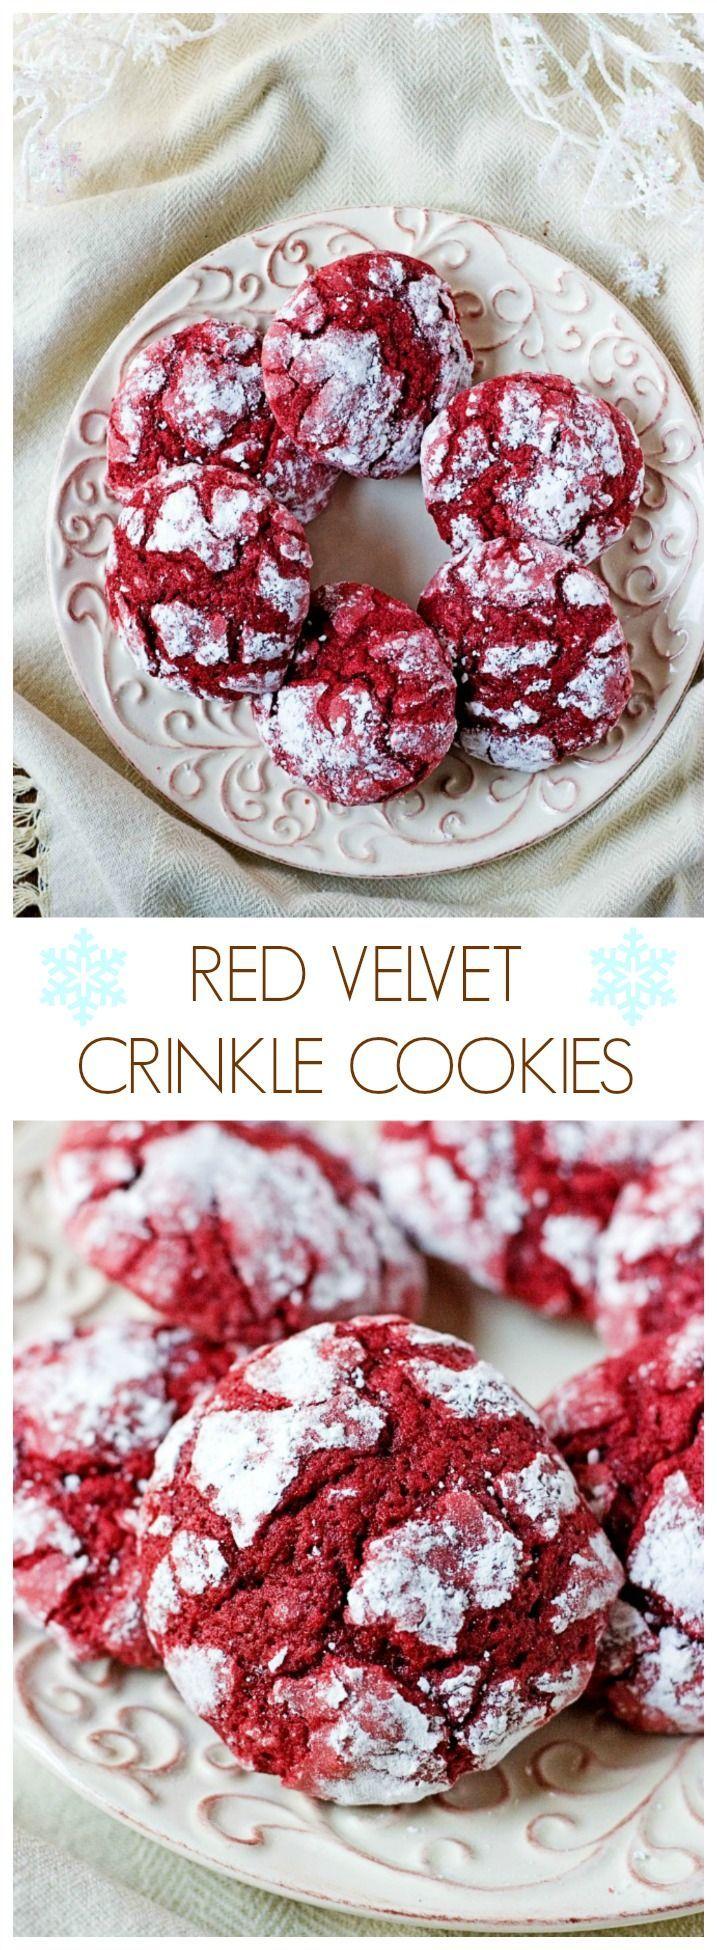 Red Velvet Crinkle Cookies: